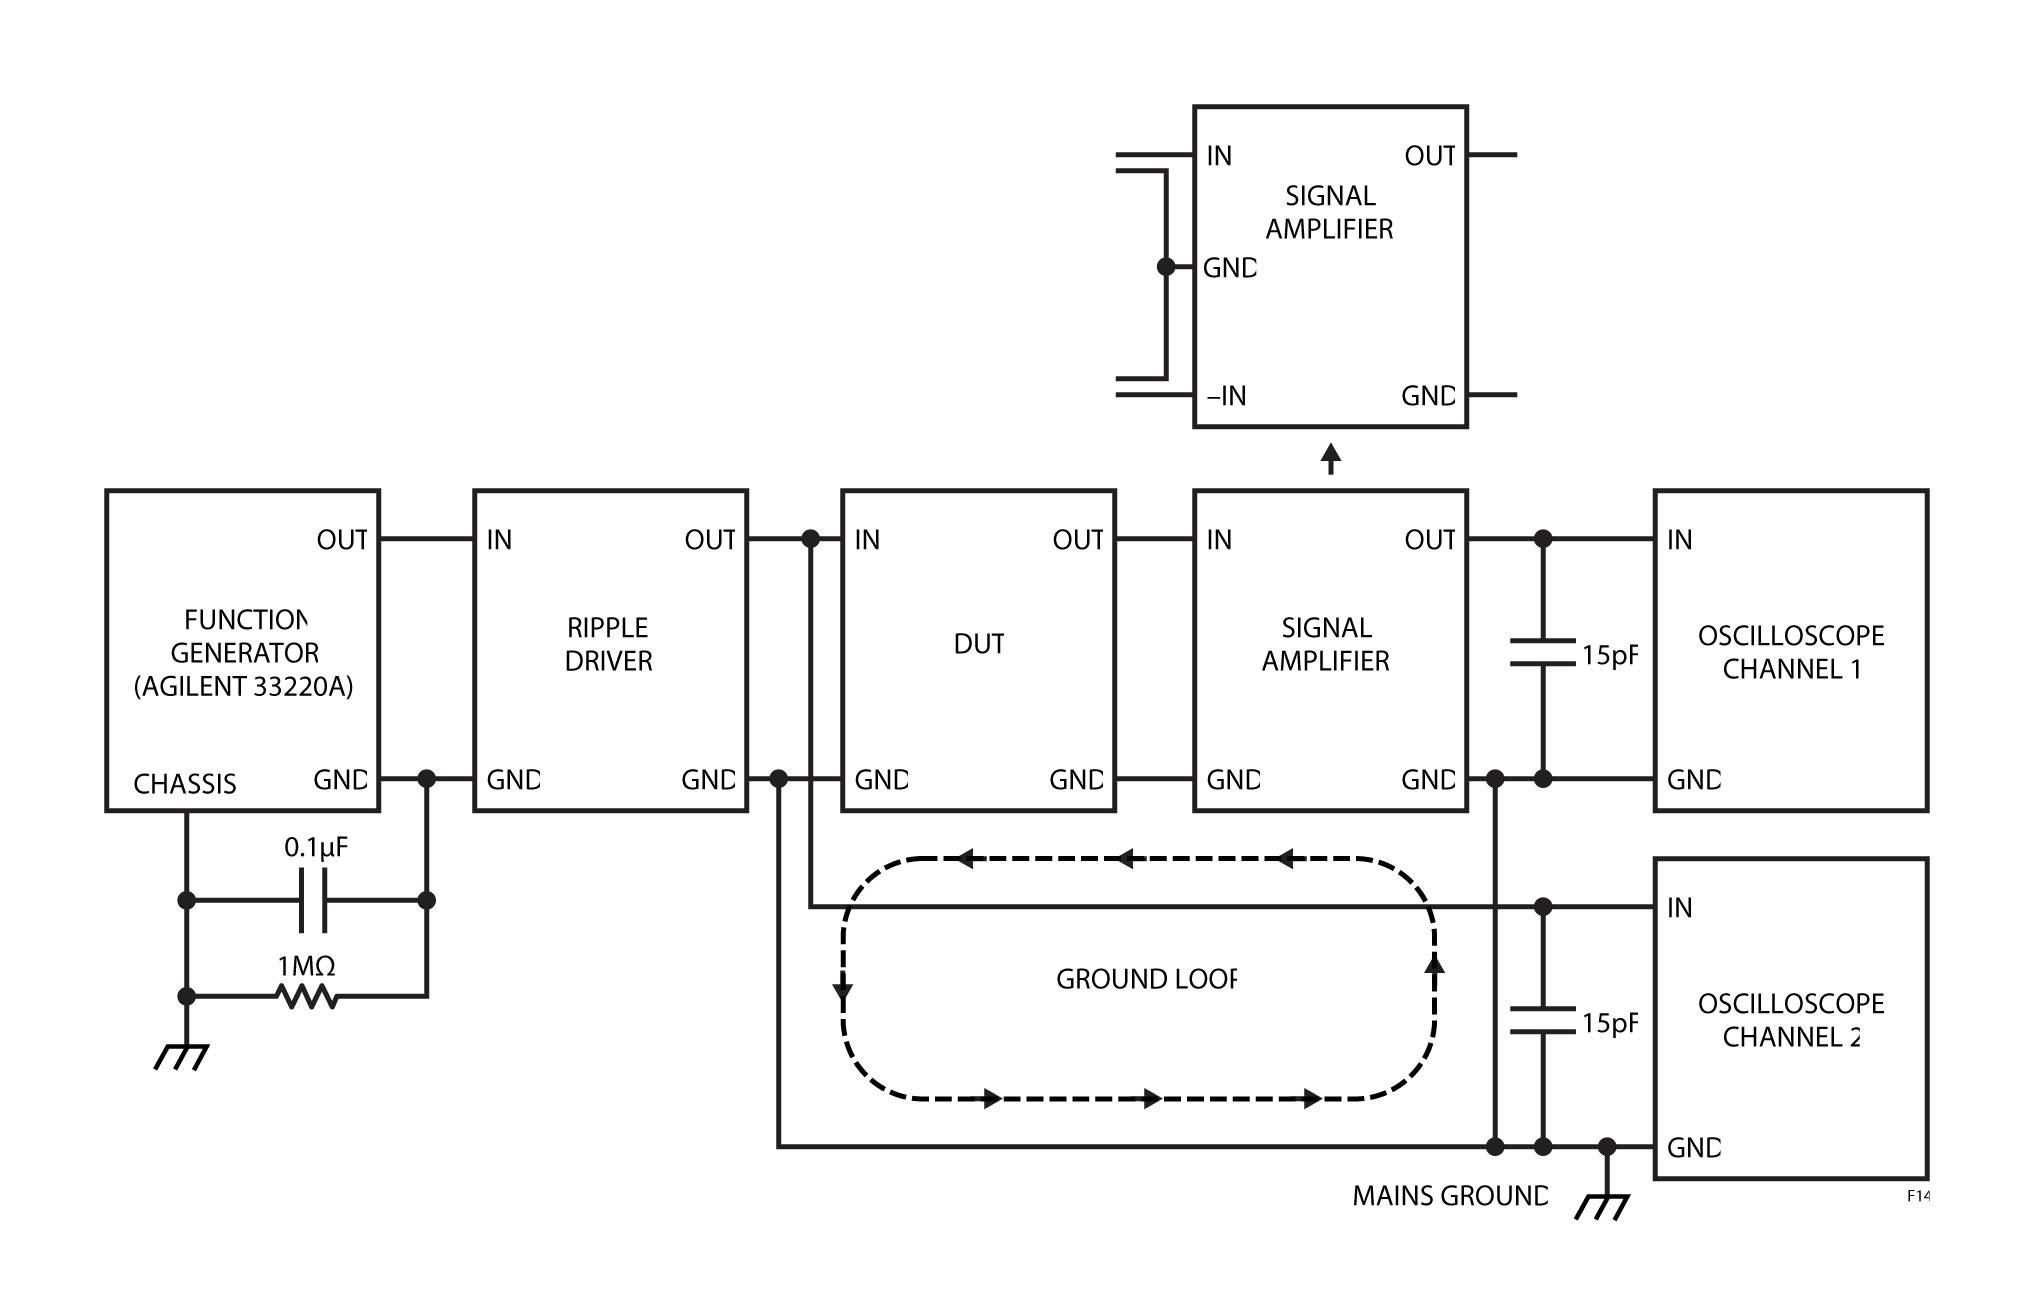 Figura 14. Il diagramma a blocchi del circuito di misura della reiezione di segnali dell'alimentatore mostra anelli di massa. Passando da un amplificatore differenziale a uno sbilanciato si risolve il problema degli anelli di massa.